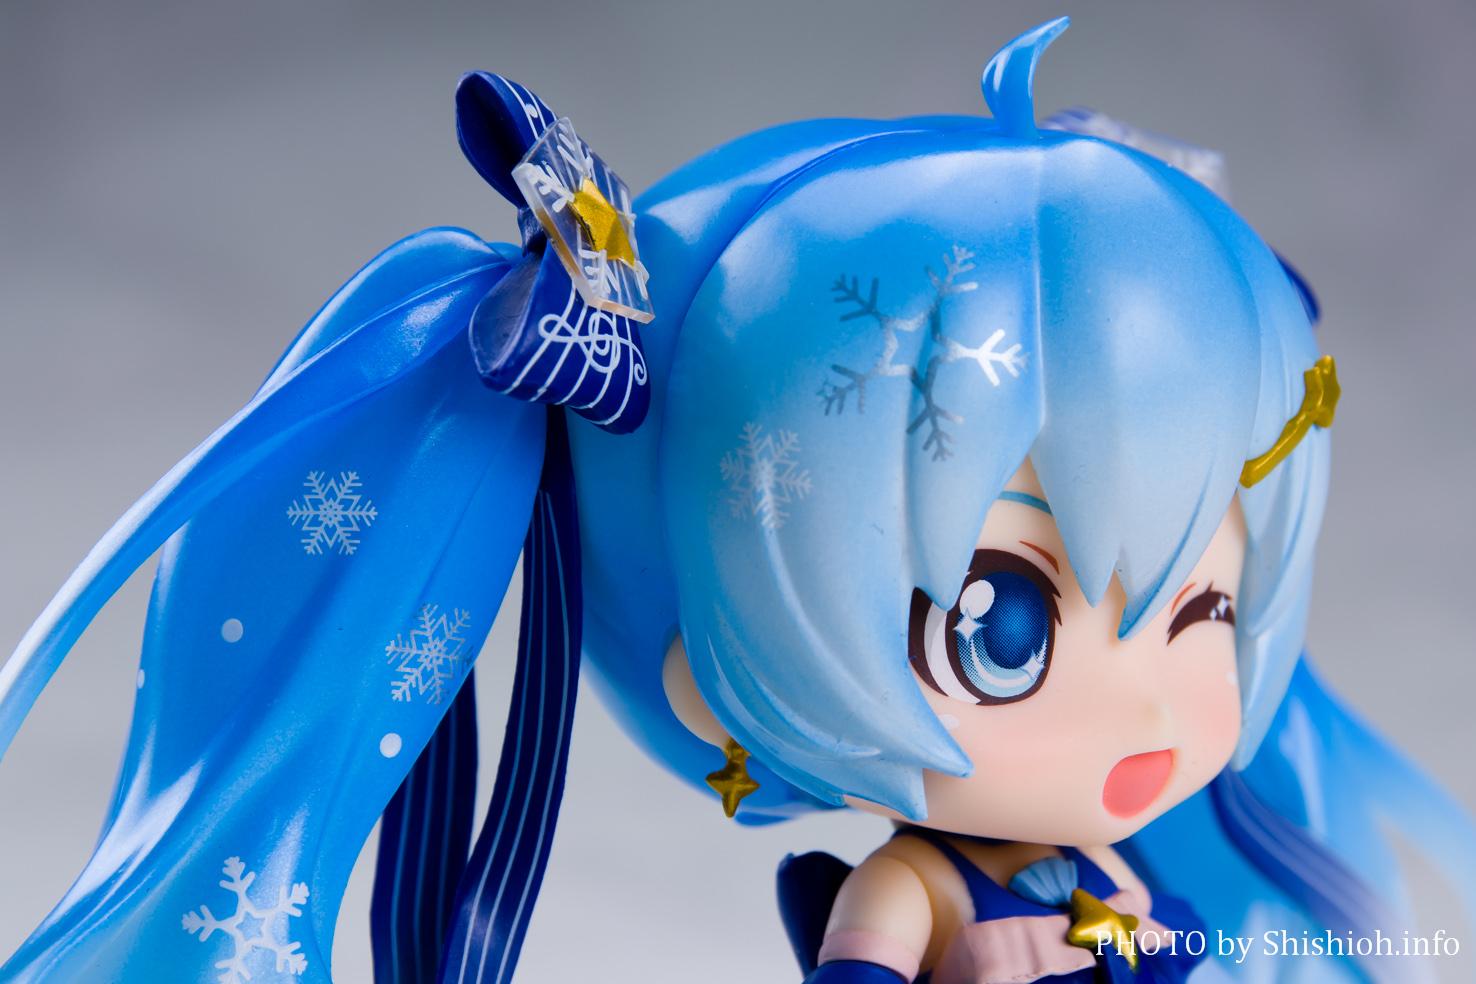 ねんどろいど 701 雪ミク Twinkle Snow Ver.